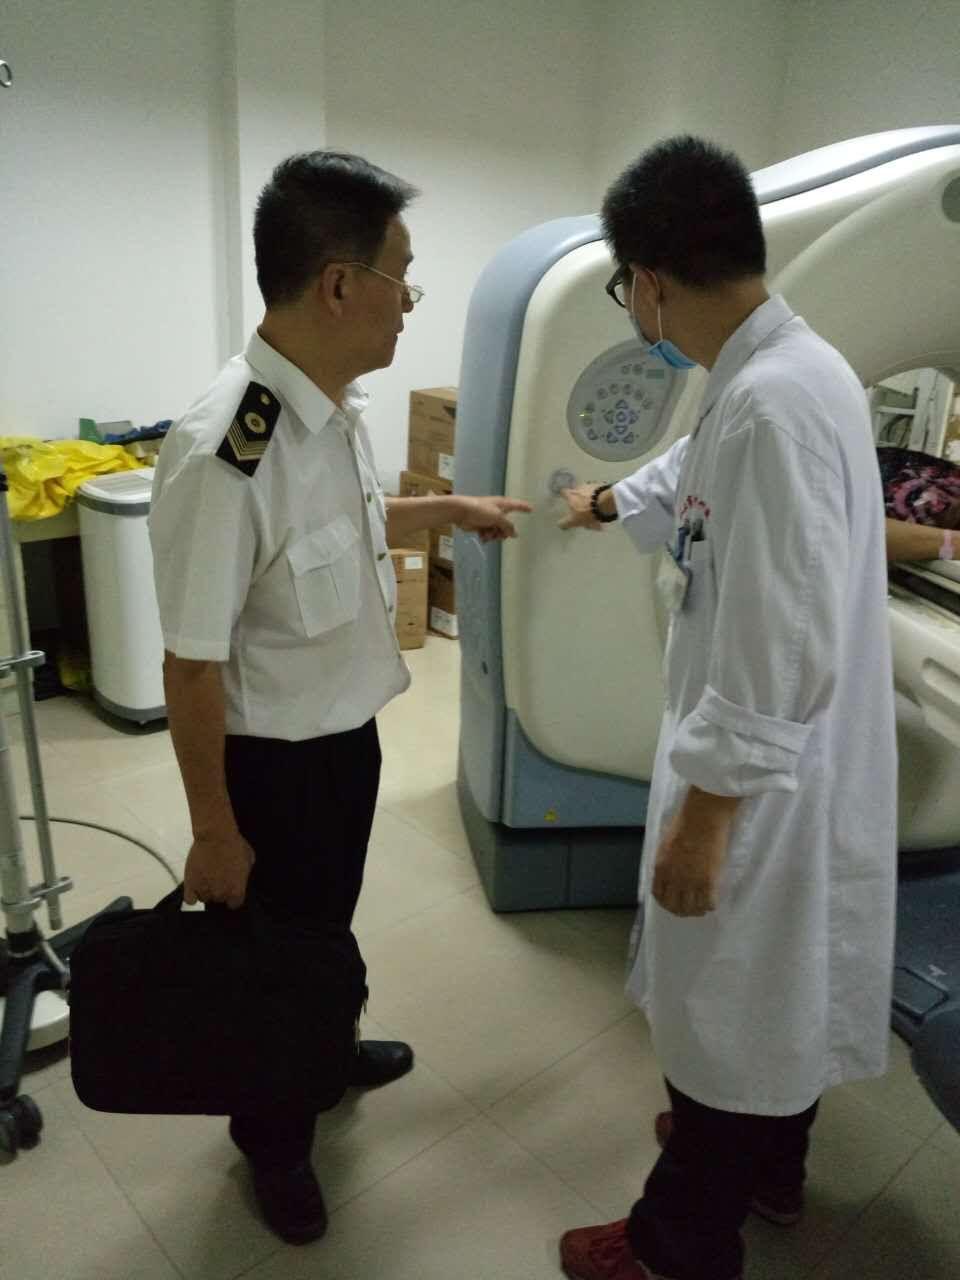 汕头市卫生监督所监督员开展放射诊疗卫生监督工作